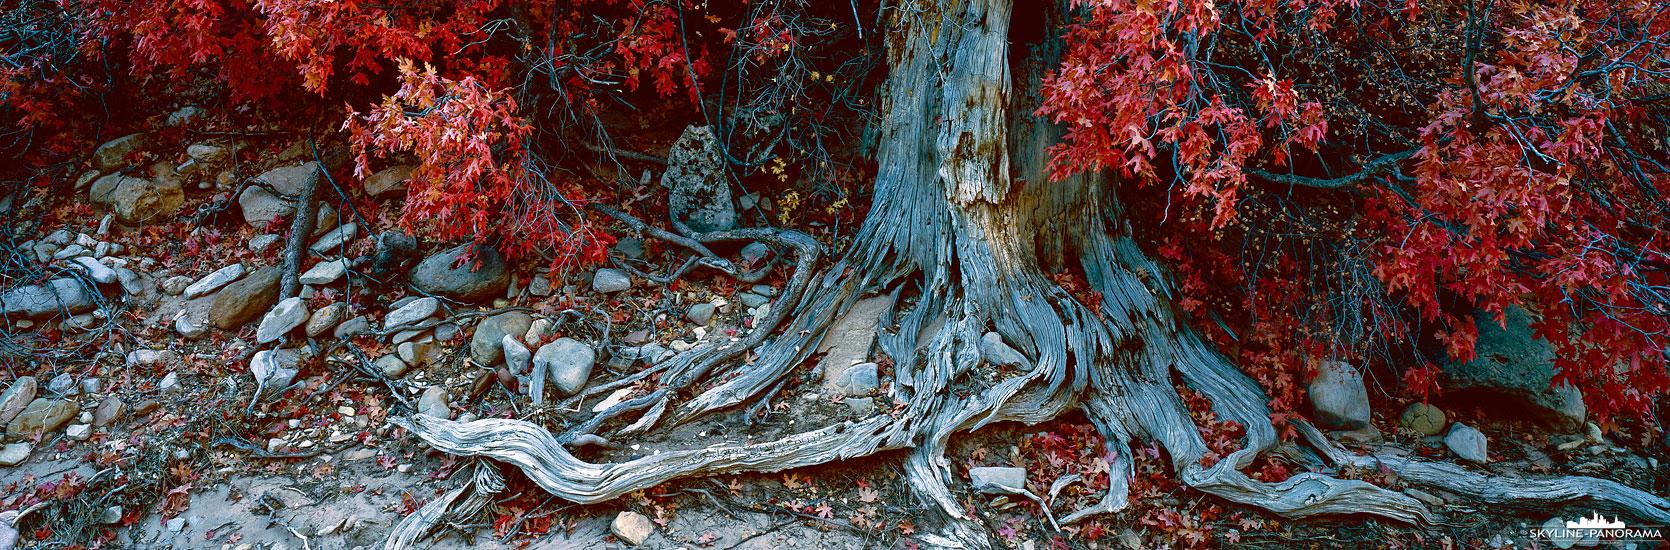 Ein alter verknöcherter Baumstamm in mitten eines, in der Herbstfärbung stehenden, Ahornbaumes. Das Motiv habe ich in einem ausgetrockneten Flussbett im Zion Nationalpark in Utah entdeckt.